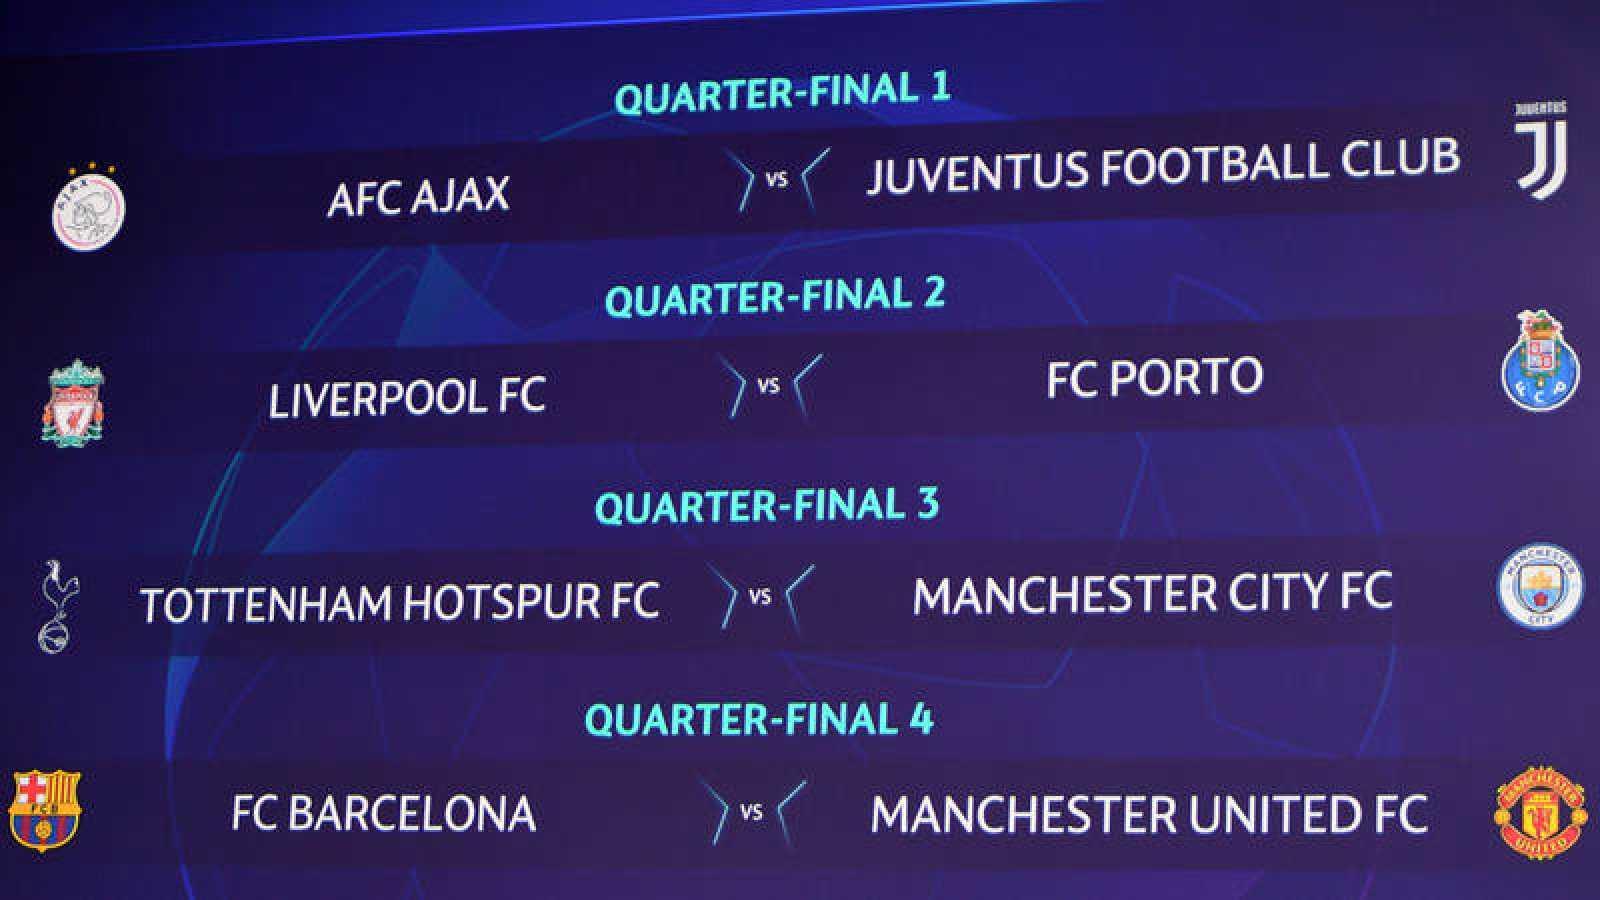 El Barça se medirá al Manchester United en cuartos de Champions